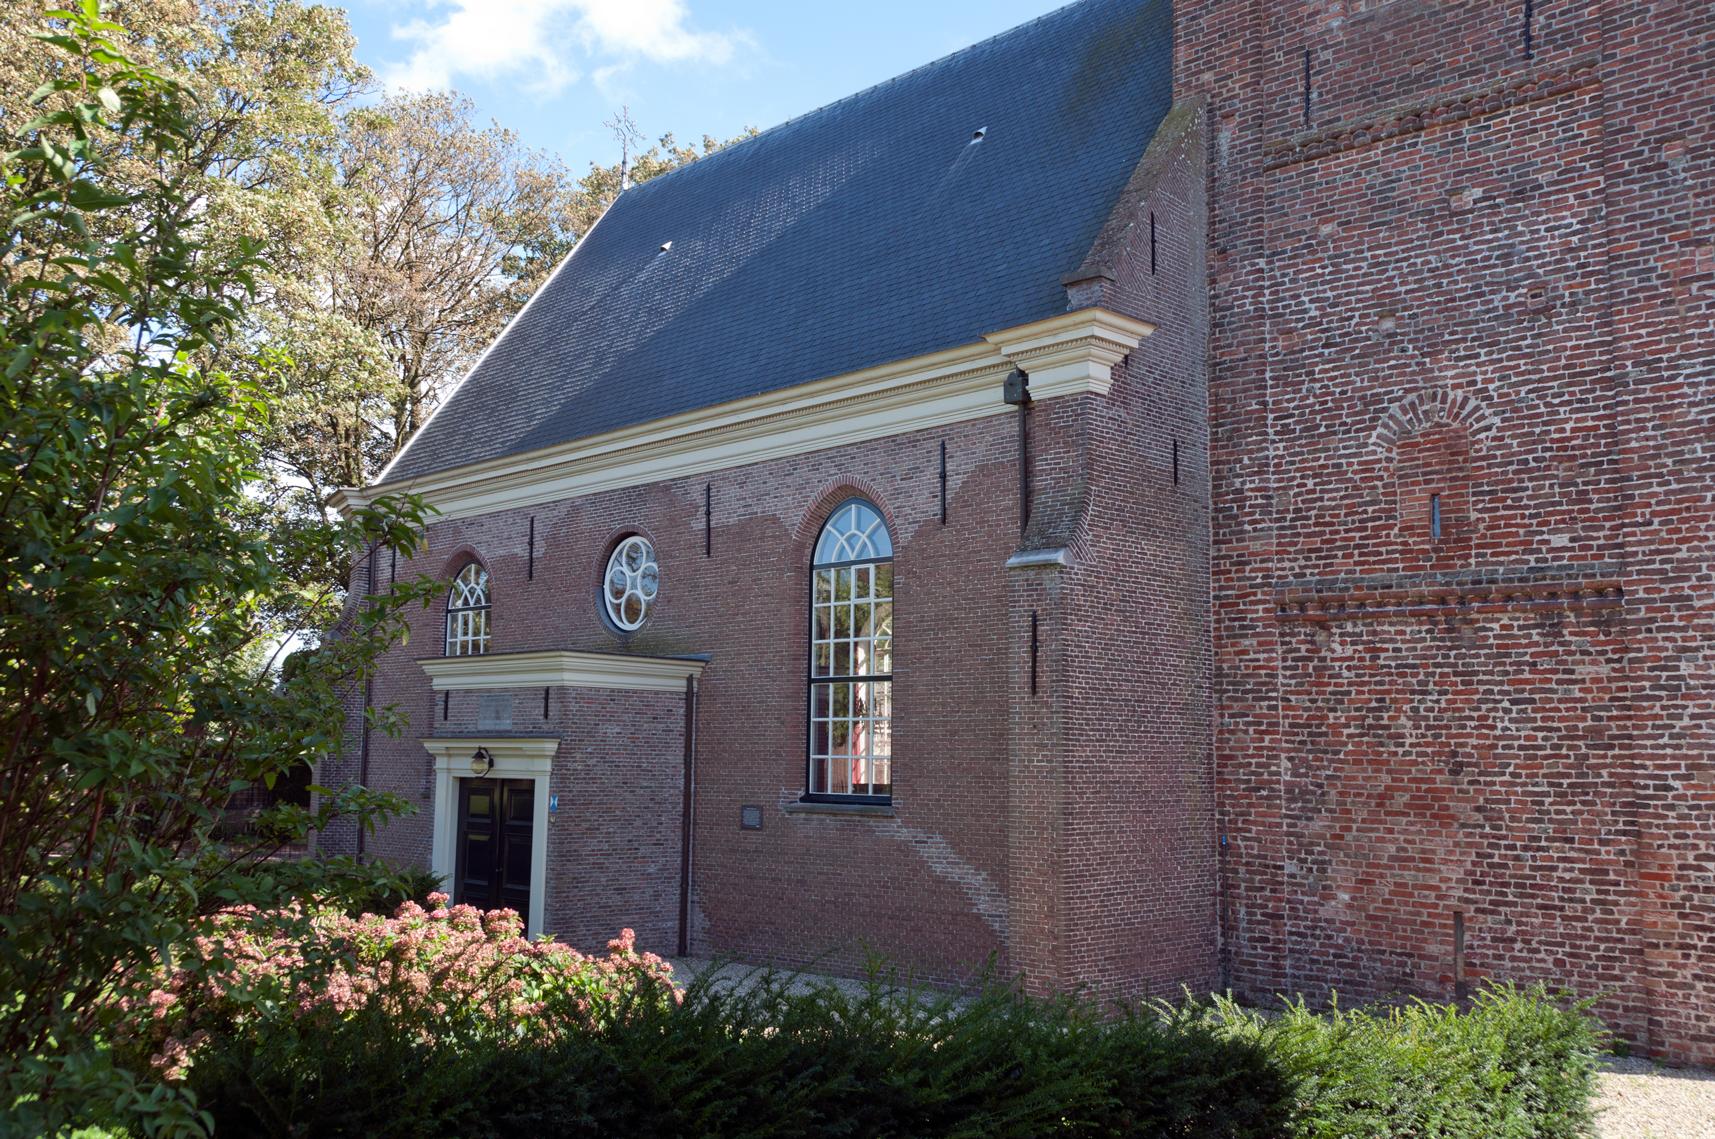 File:Hagestein Kerk zijkant.jpg - Wikimedia Commons